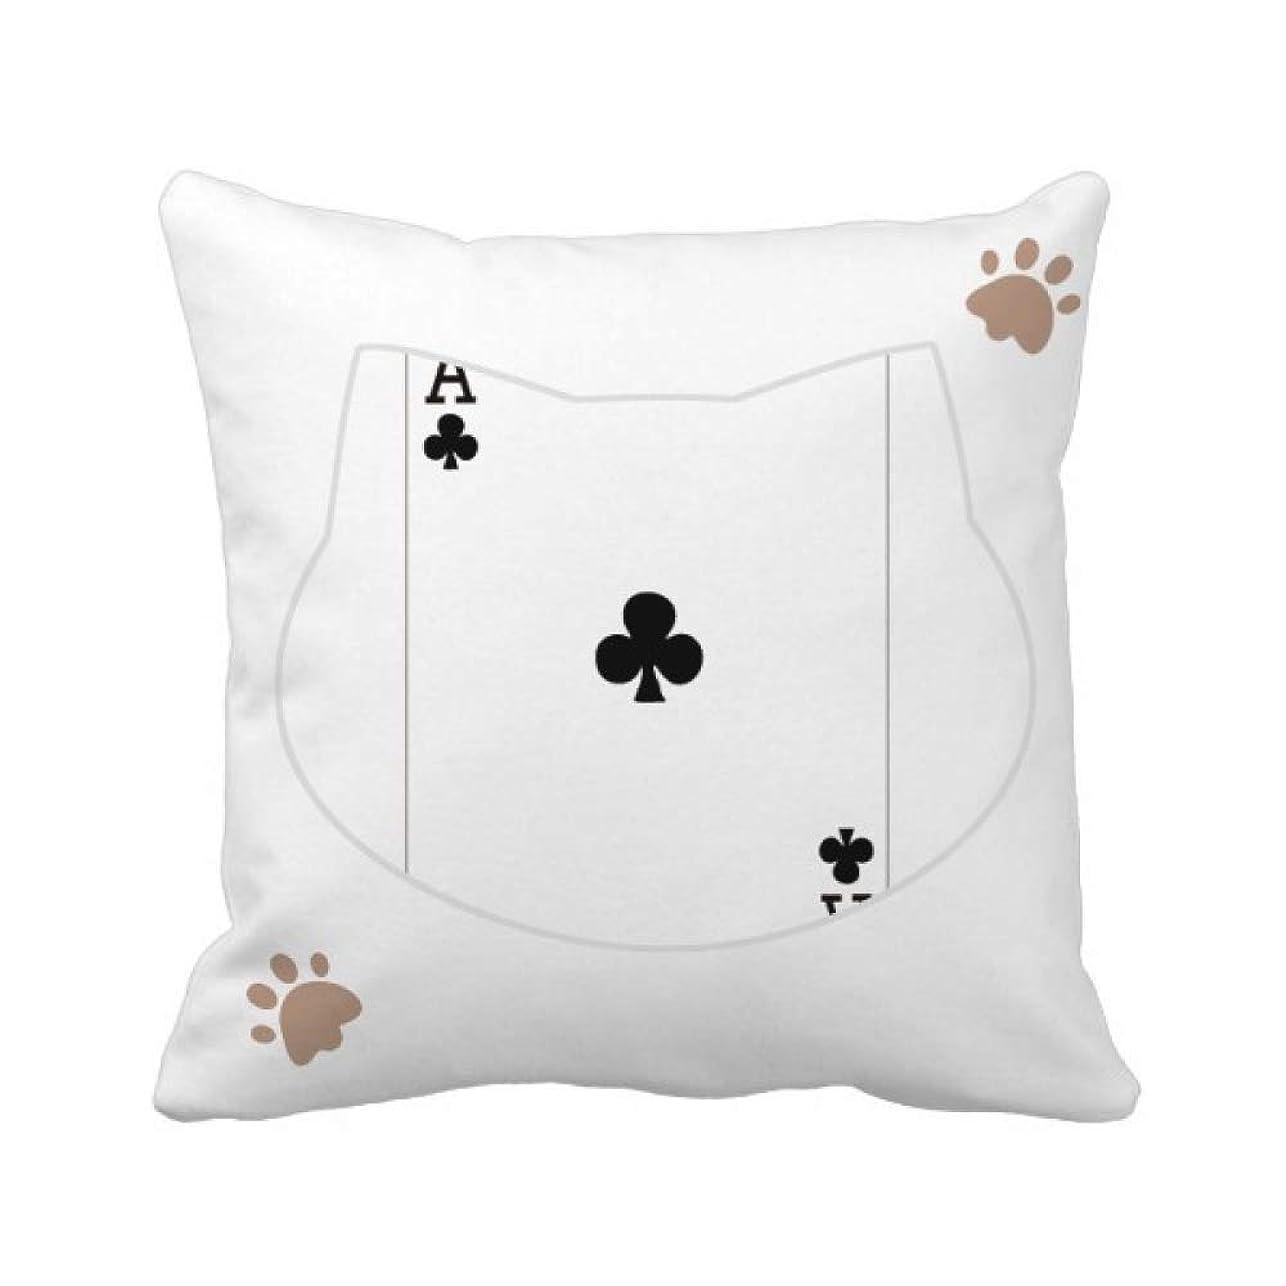 脆い感覚炭水化物クラブは、トランプのパターン 枕カバーを放り投げる猫広場 50cm x 50cm